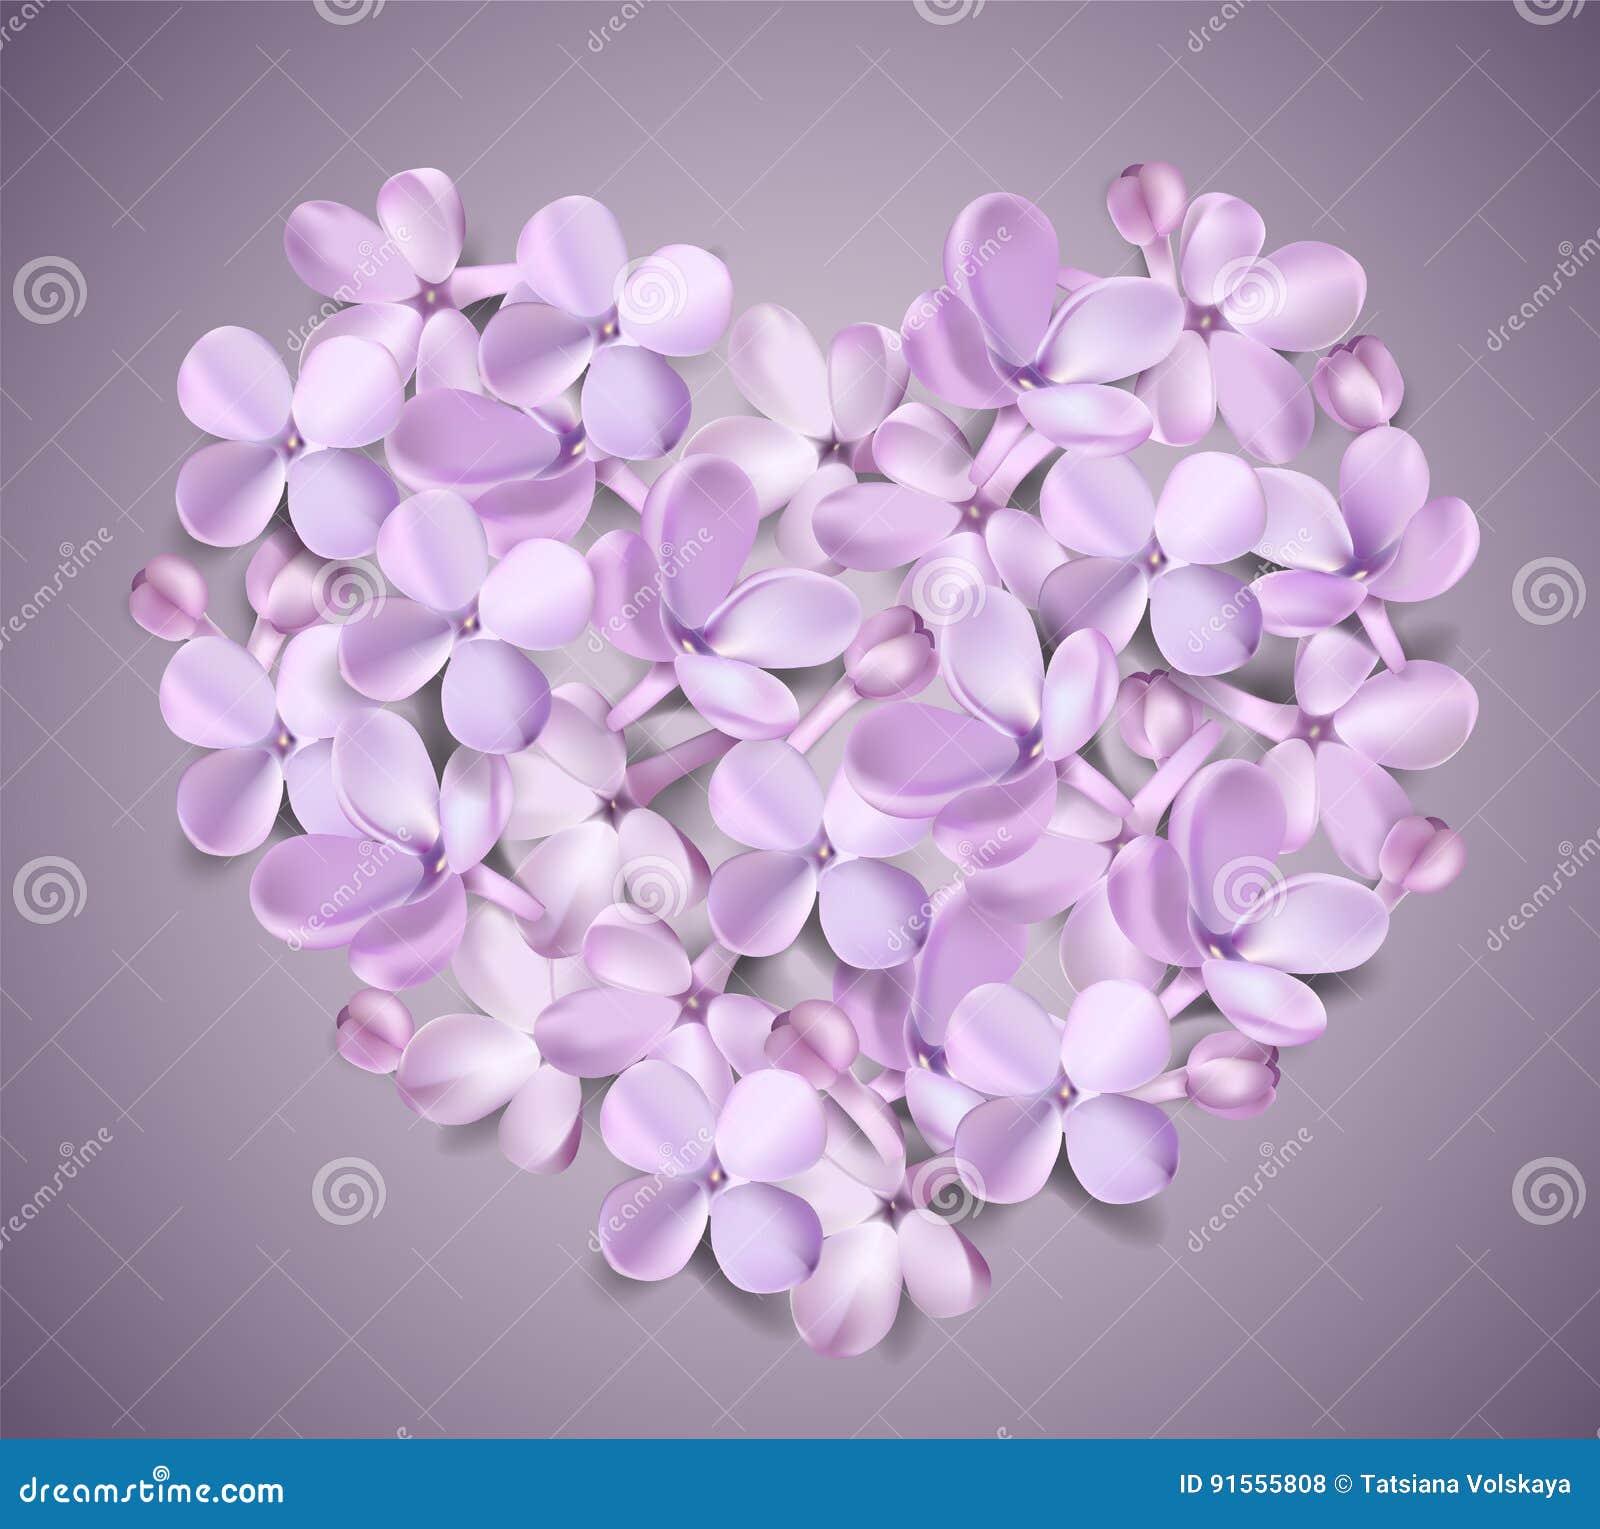 Fondo En Colores Pastel Con Las Flores De La Lila Ilustracion Del - Color-lila-pastel